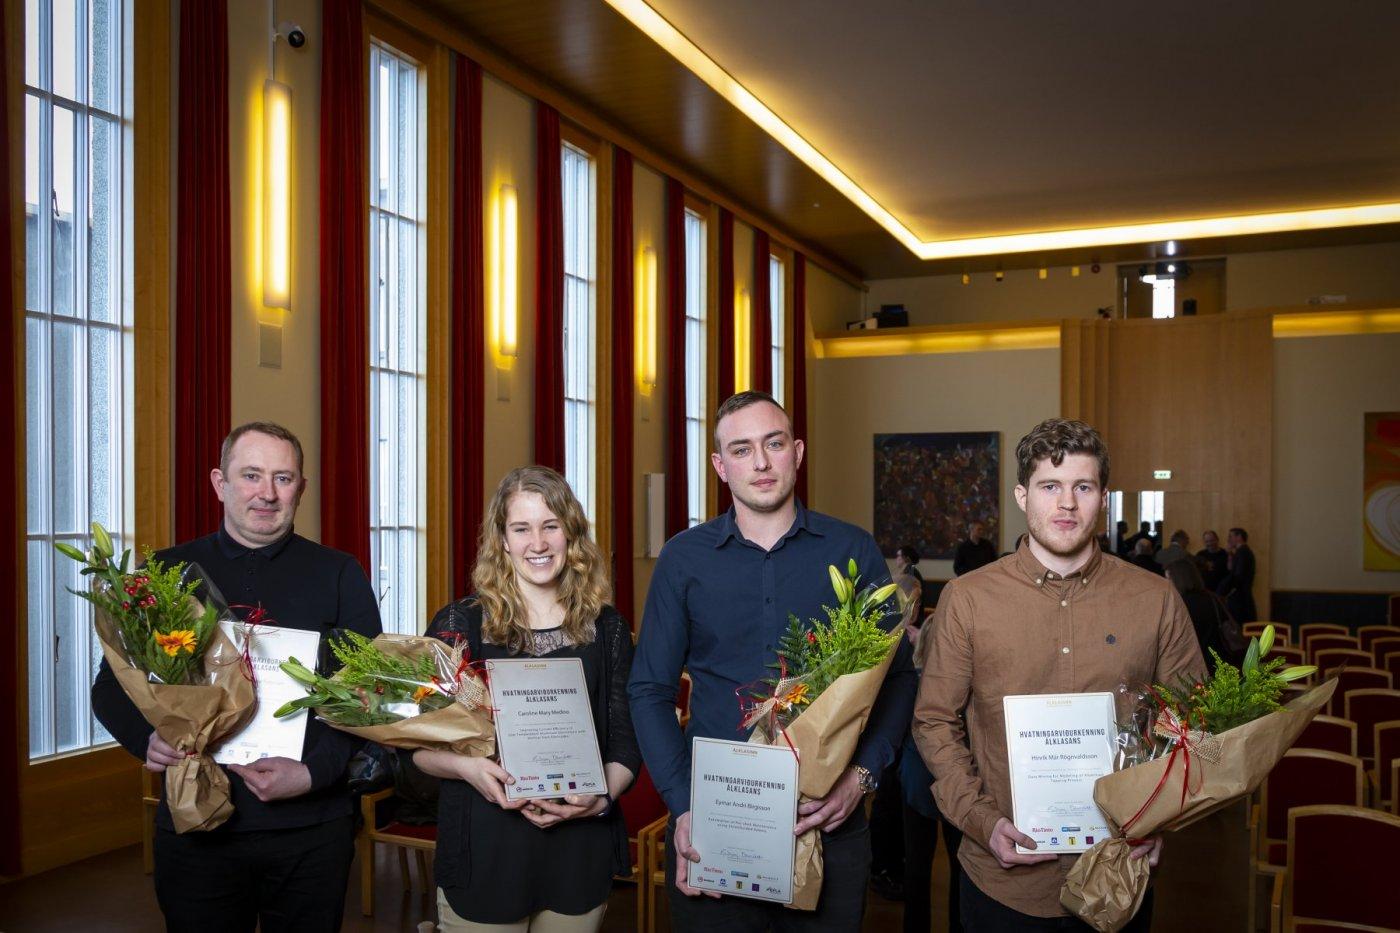 Frá vinstri: Brjánn Jónsson, faðir Diljár Hebu Petersen (HÍ), Caroline Mary Medino (HR), Eymar Andri Birgisson (HR), Hinrik Már Rögnvaldsson (HÍ).